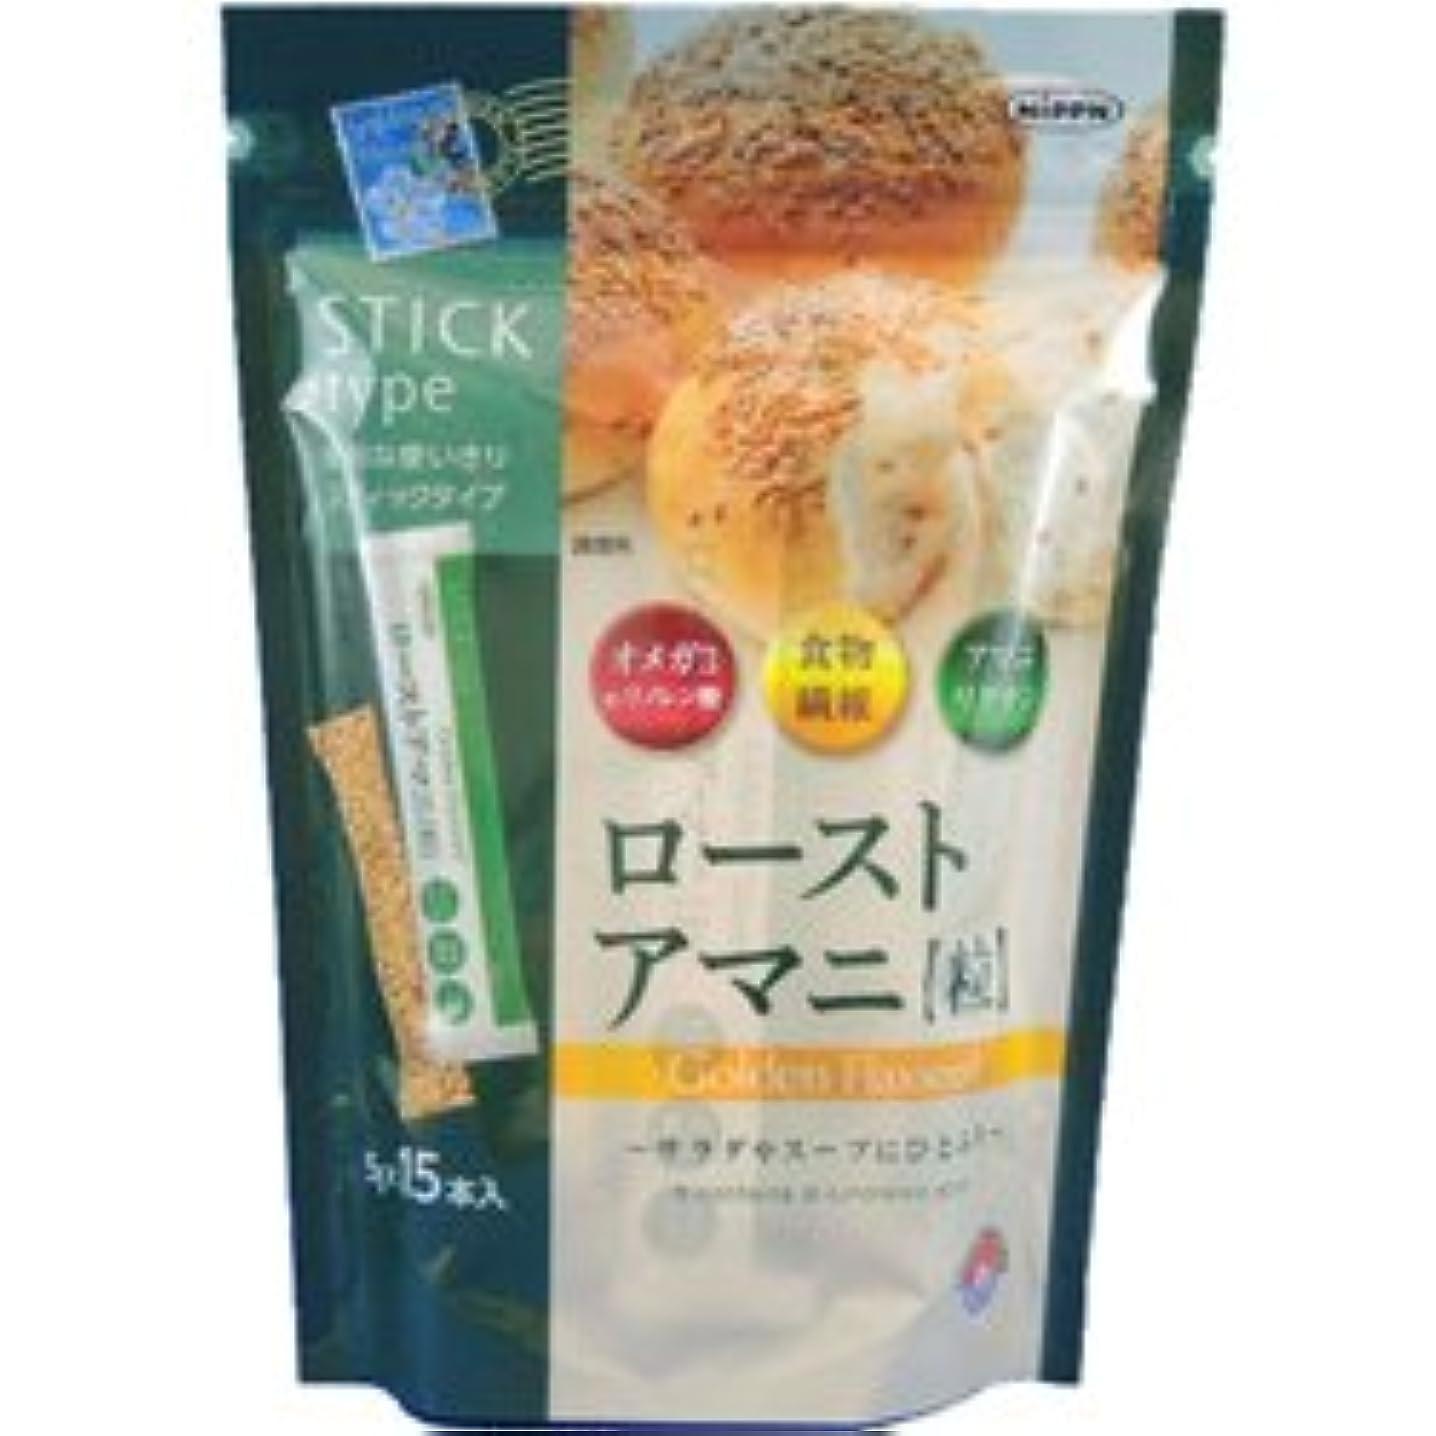 ブレンド不規則性迷惑【日本製粉】ローストアマニ粒 75g ×20個セット